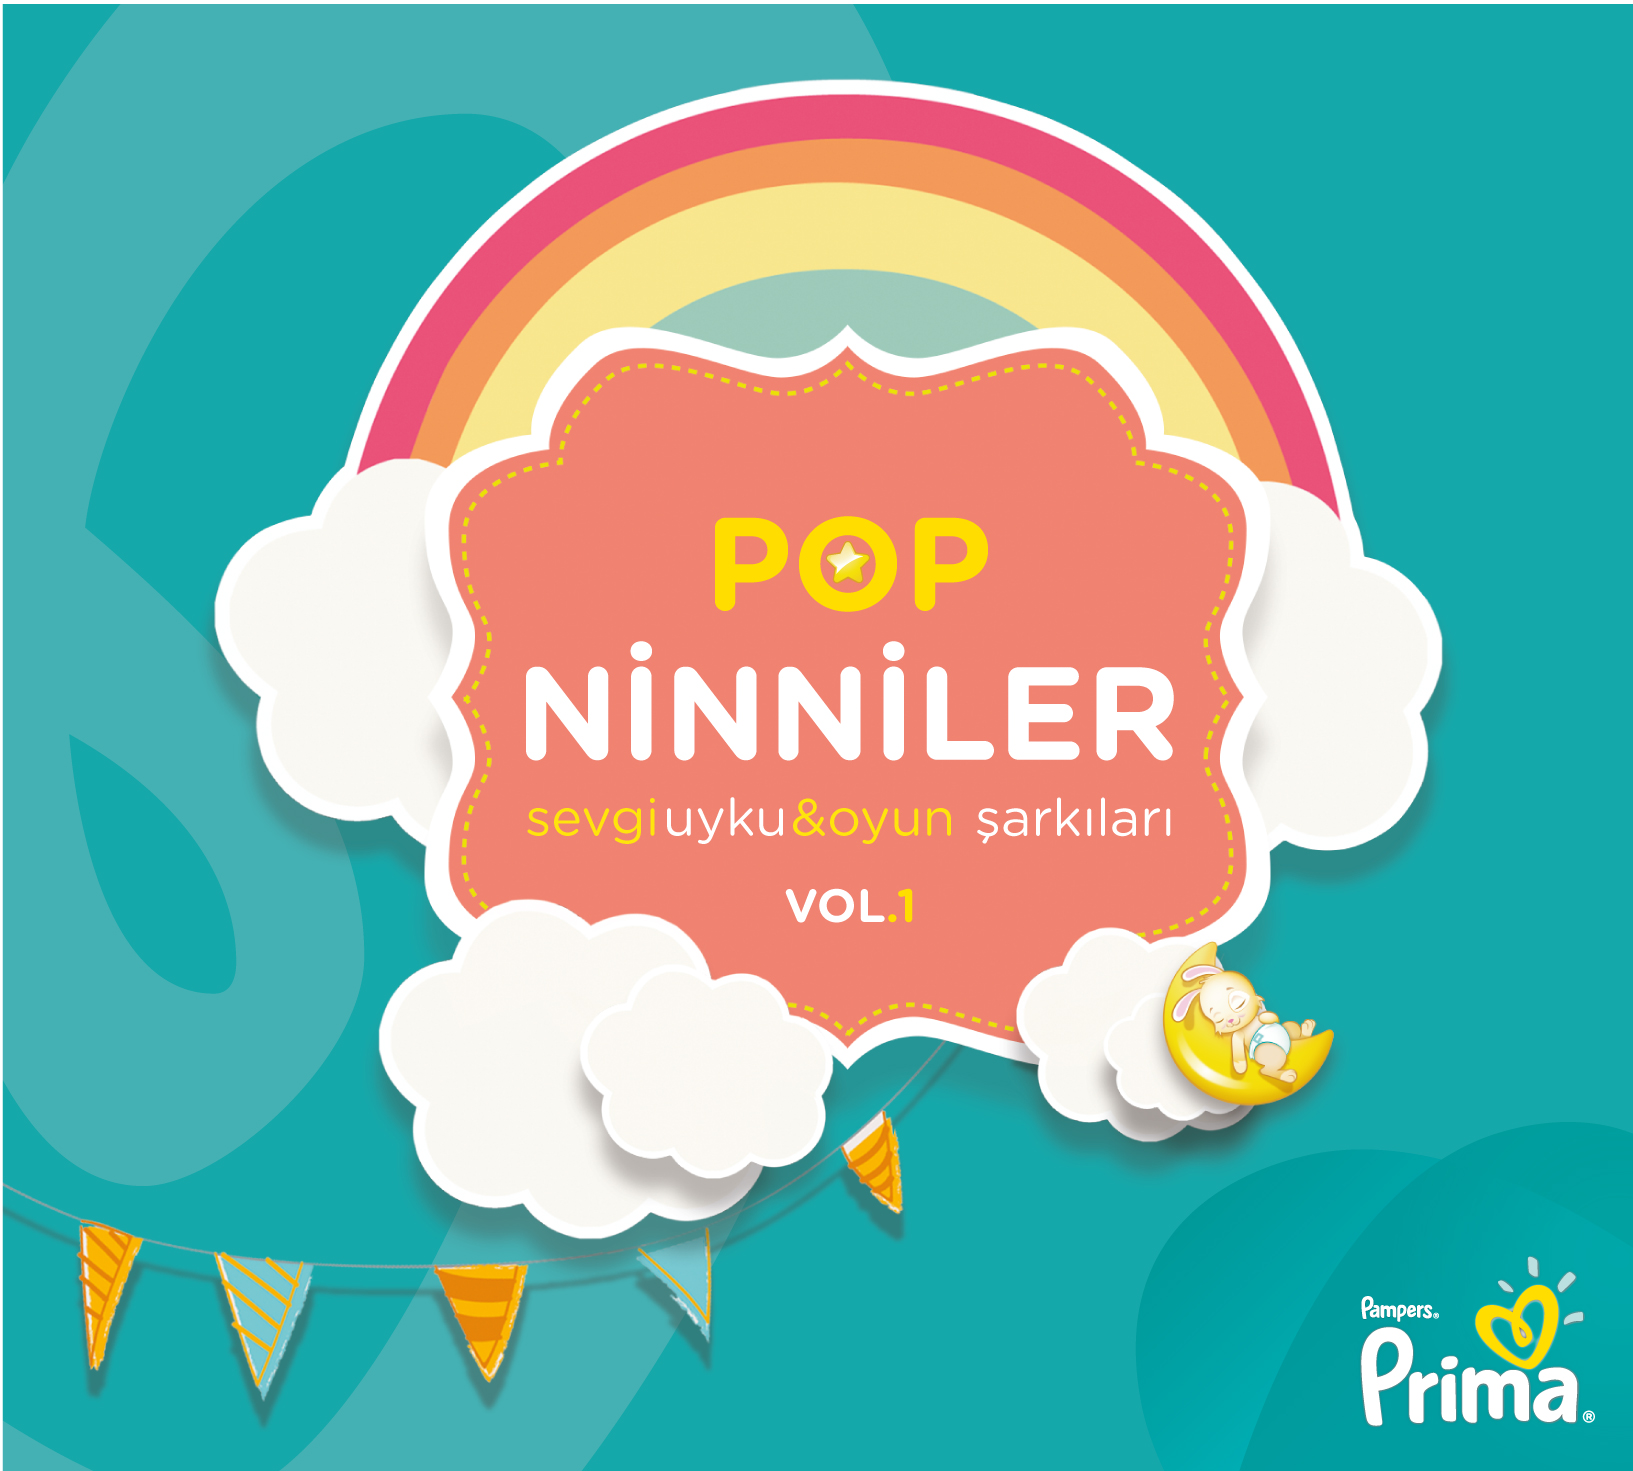 Pop Ninniler Vol 1 – Sevgi, Uyku Oyun Albümü 85